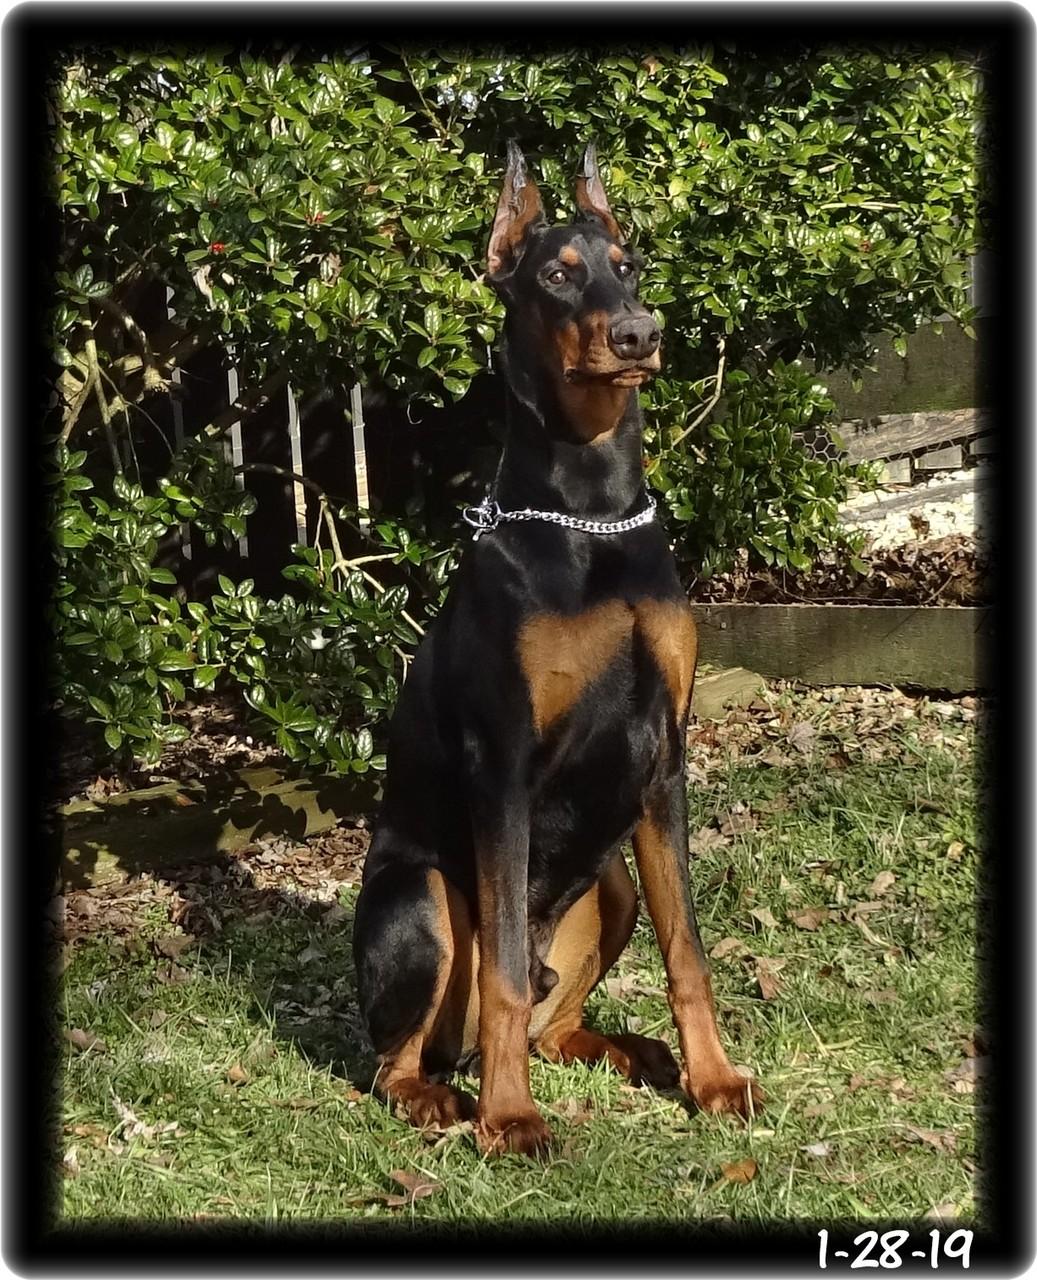 Dutch was Wilfred / Star baby  ...  CYA Level 1 training - now in Hawaii